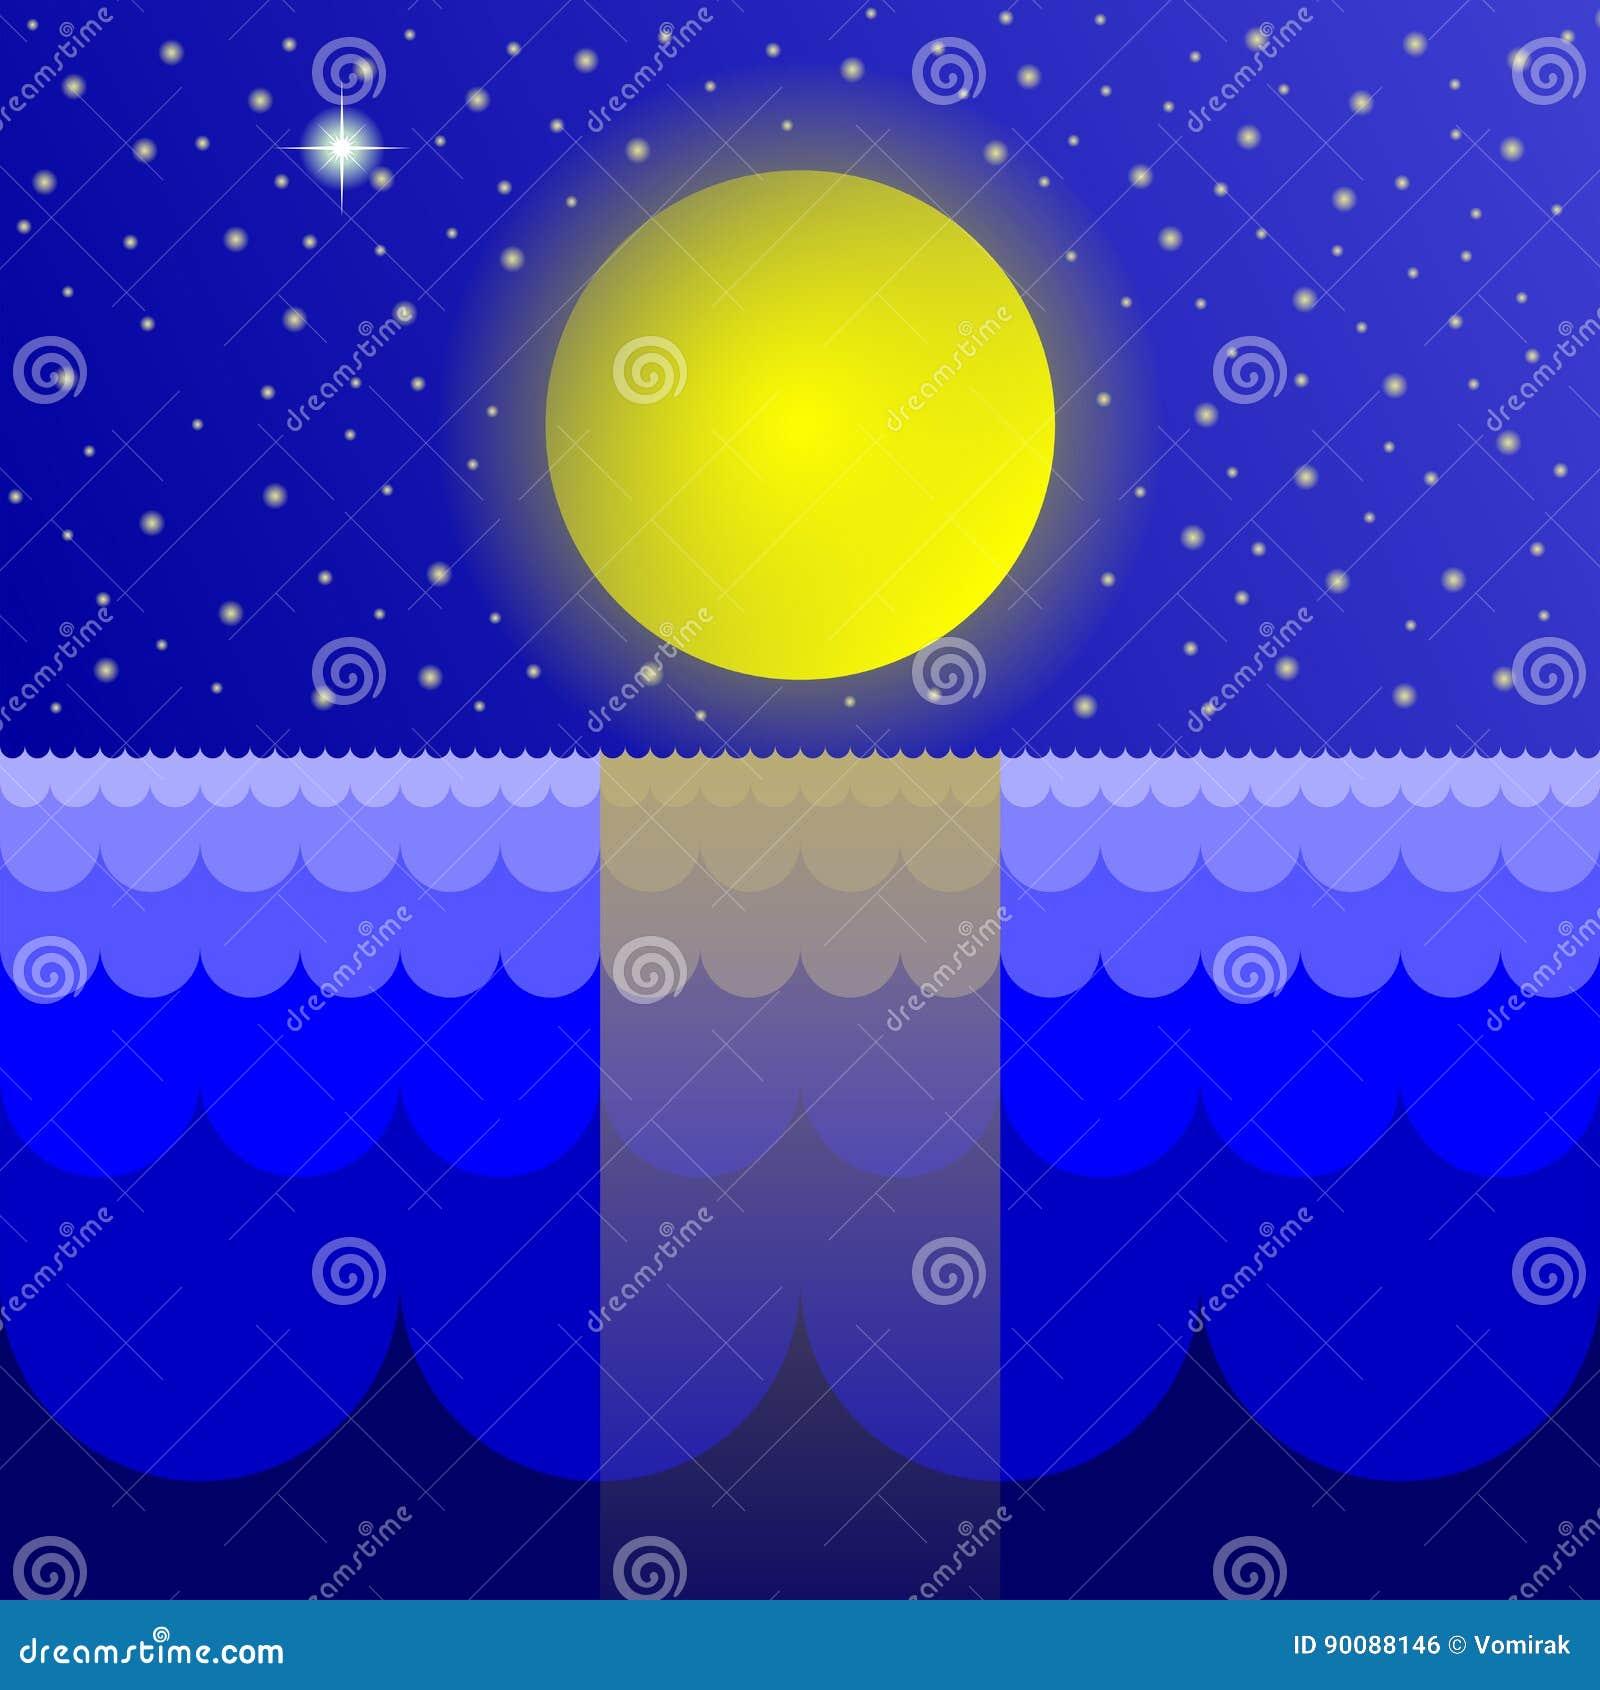 Disegno Decorativo Del Mare E Del Cielo Stellato Illustrazione Di